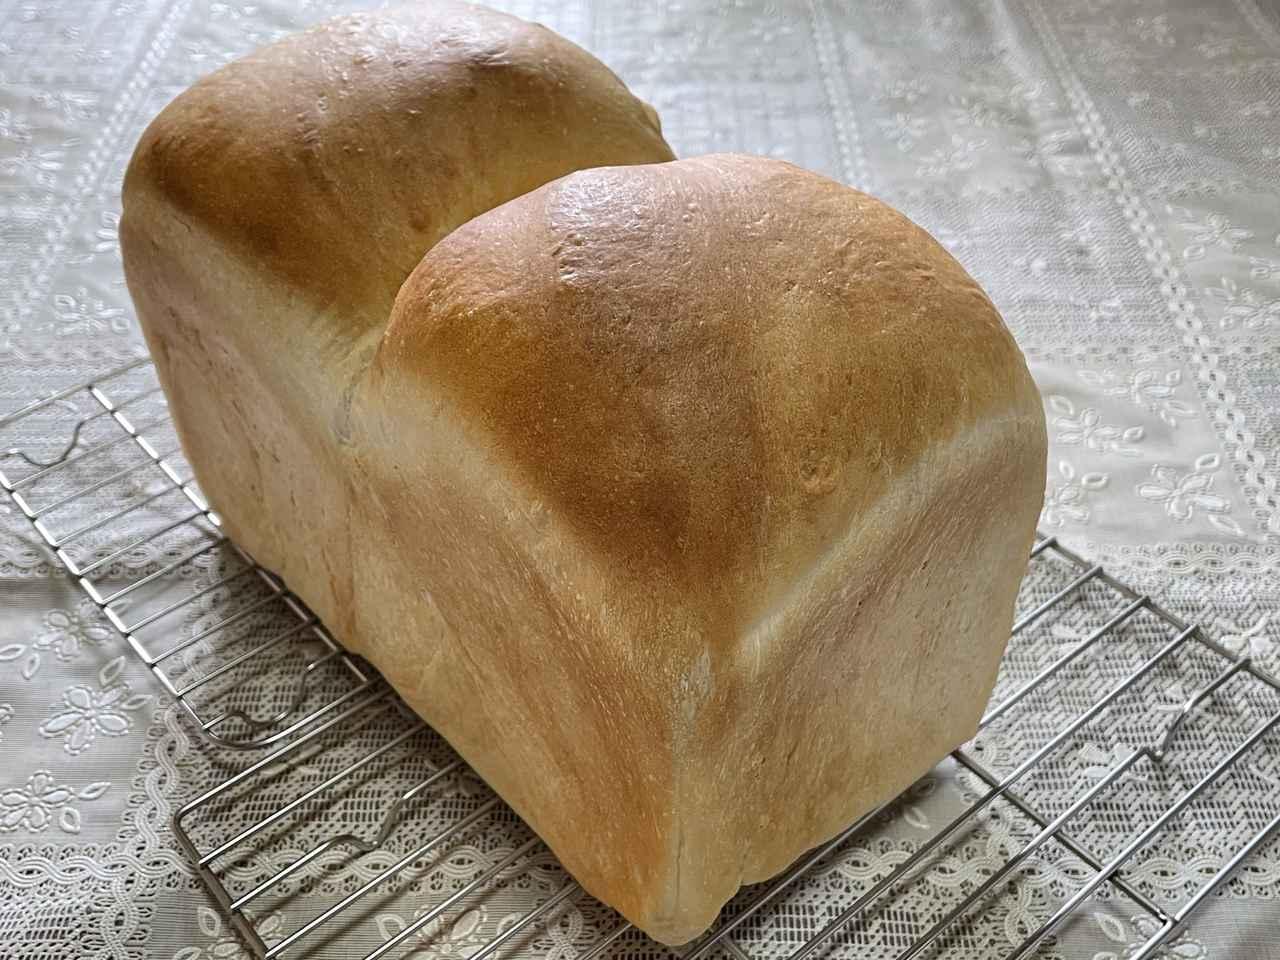 画像: パンを焼くときは食塩不使用バターをよく使います。